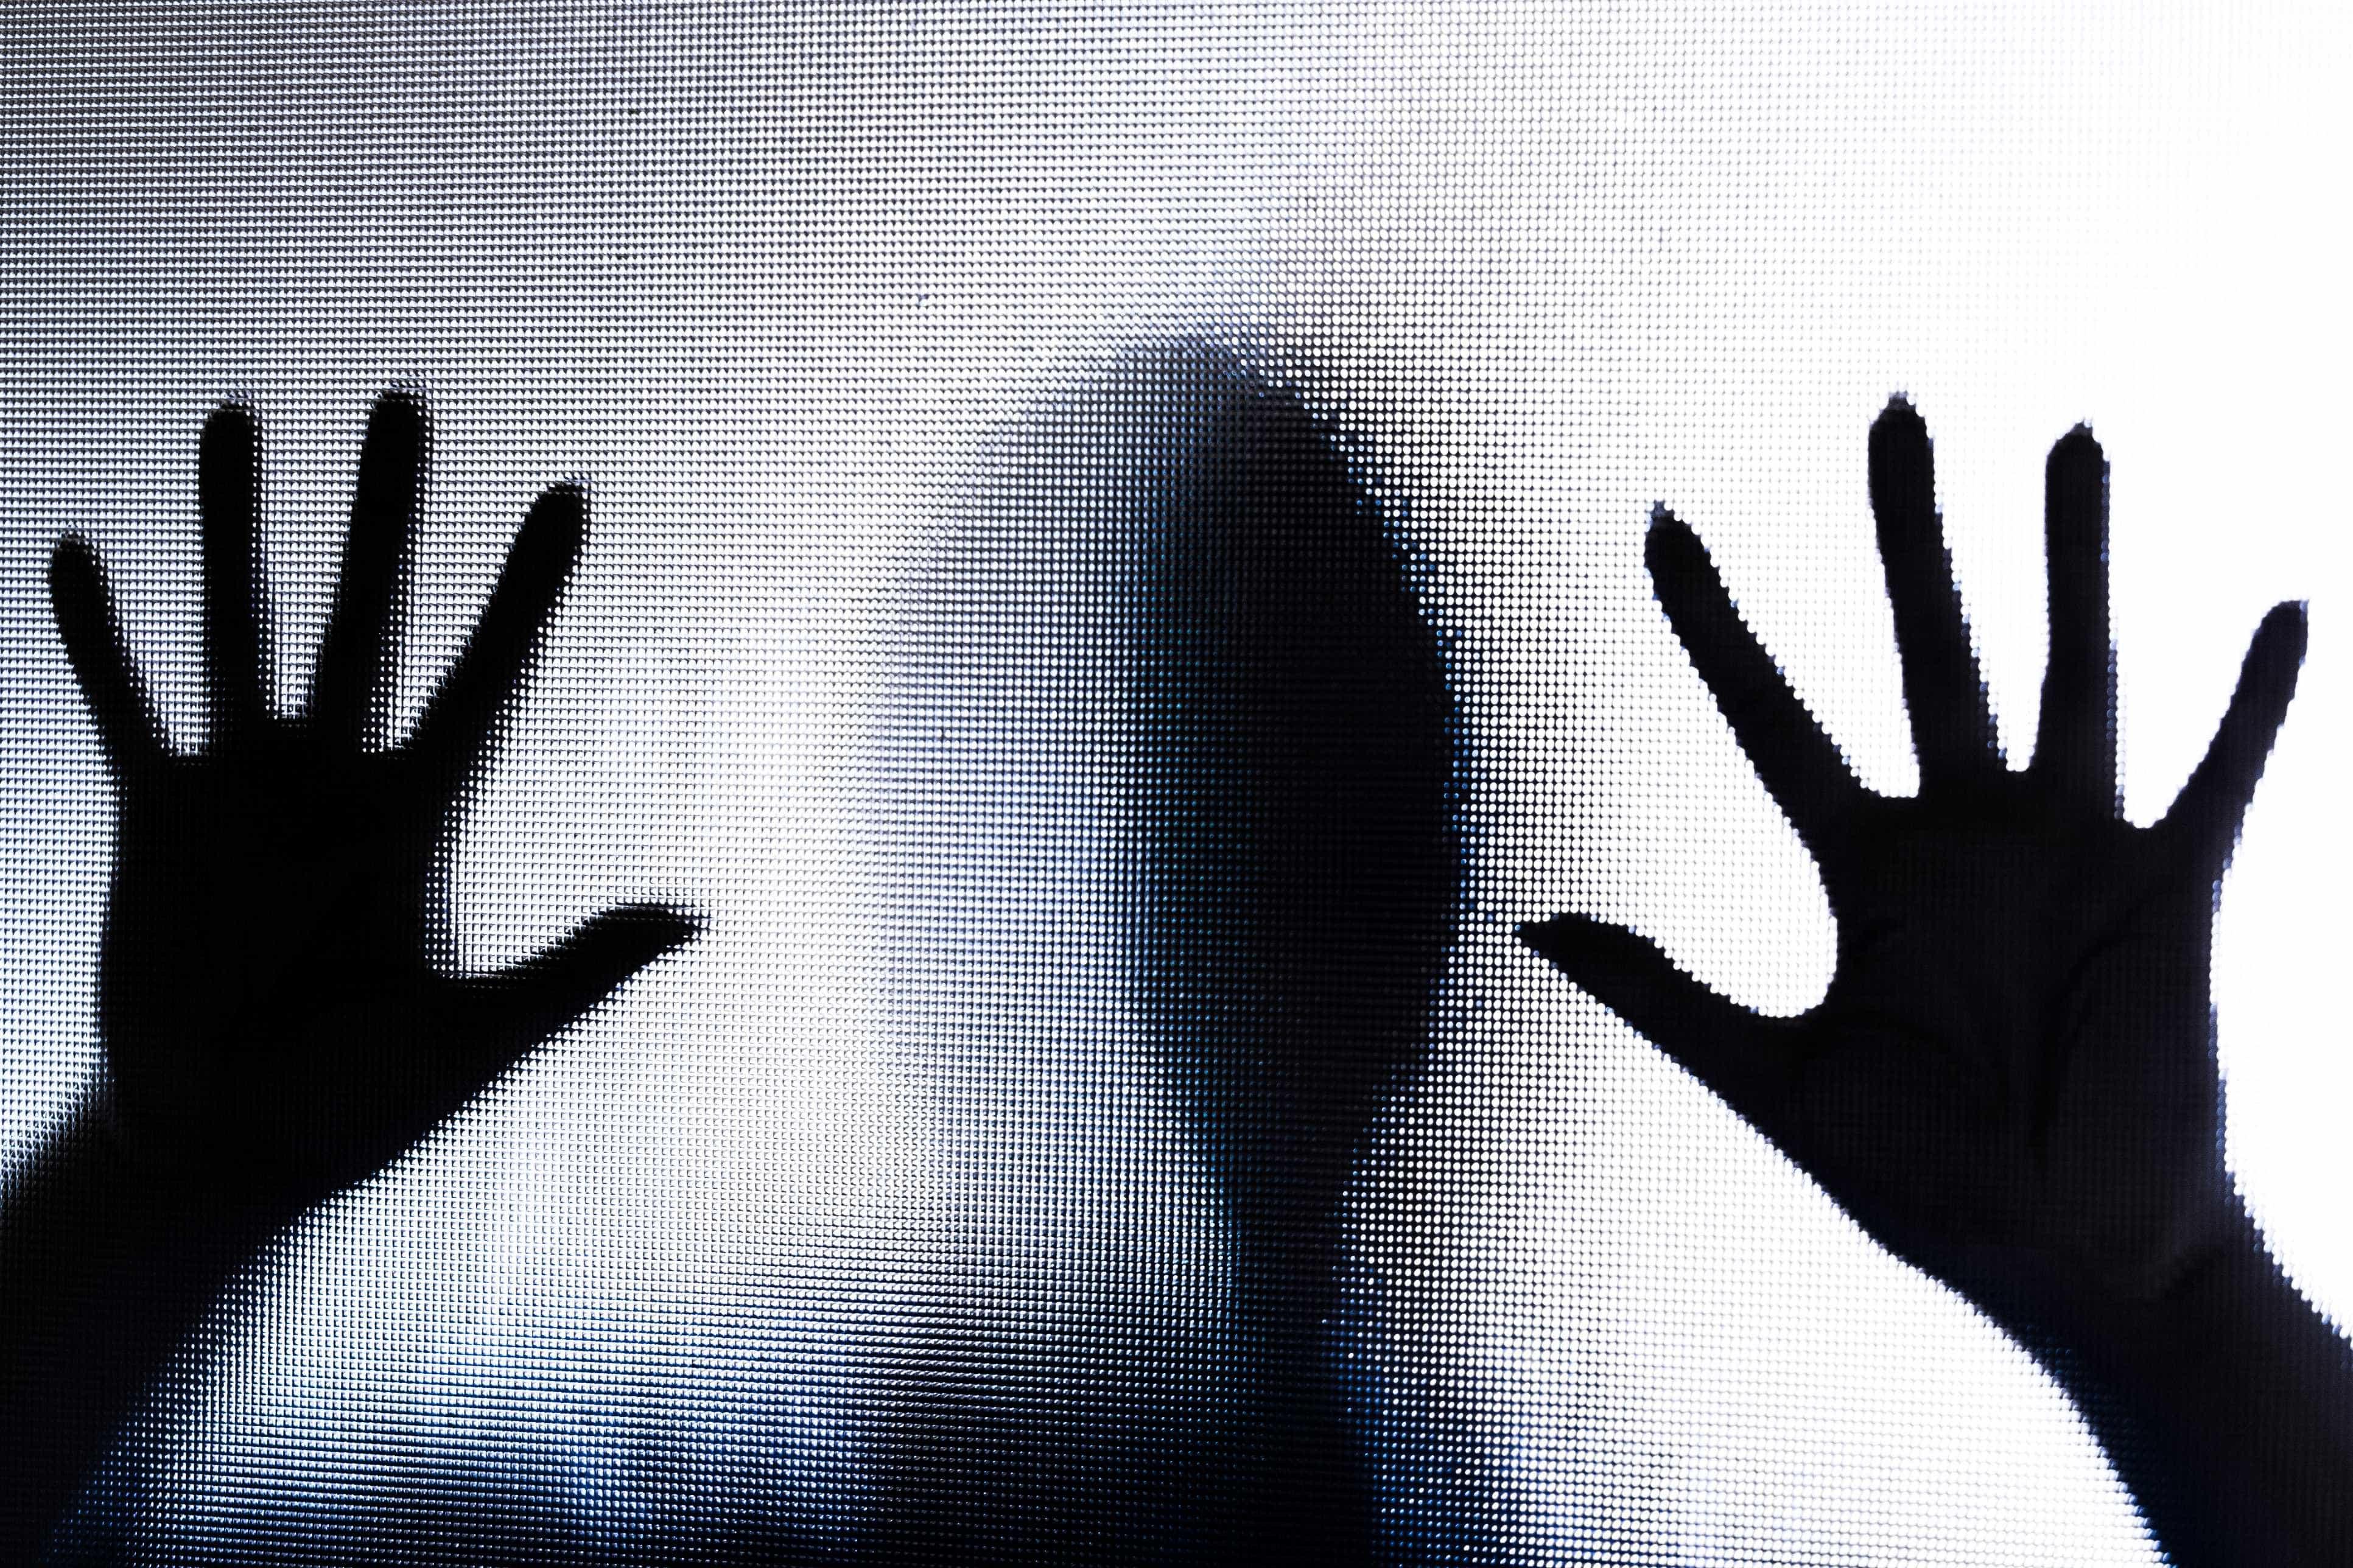 Mulher vítima de violência doméstica mata marido agressor com 185 facadas